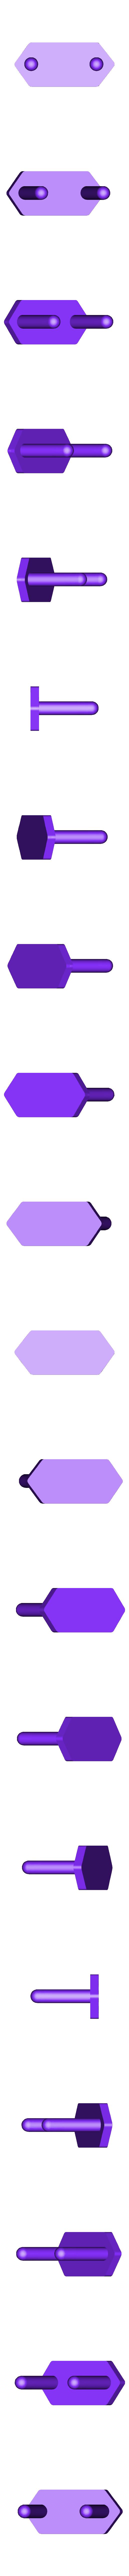 Anti-Shock-Socker-EU.stl Télécharger fichier STL gratuit Socquette anti-choc / Protective Socker pour enfants par NQT2015 • Modèle pour imprimante 3D, Caghon3d